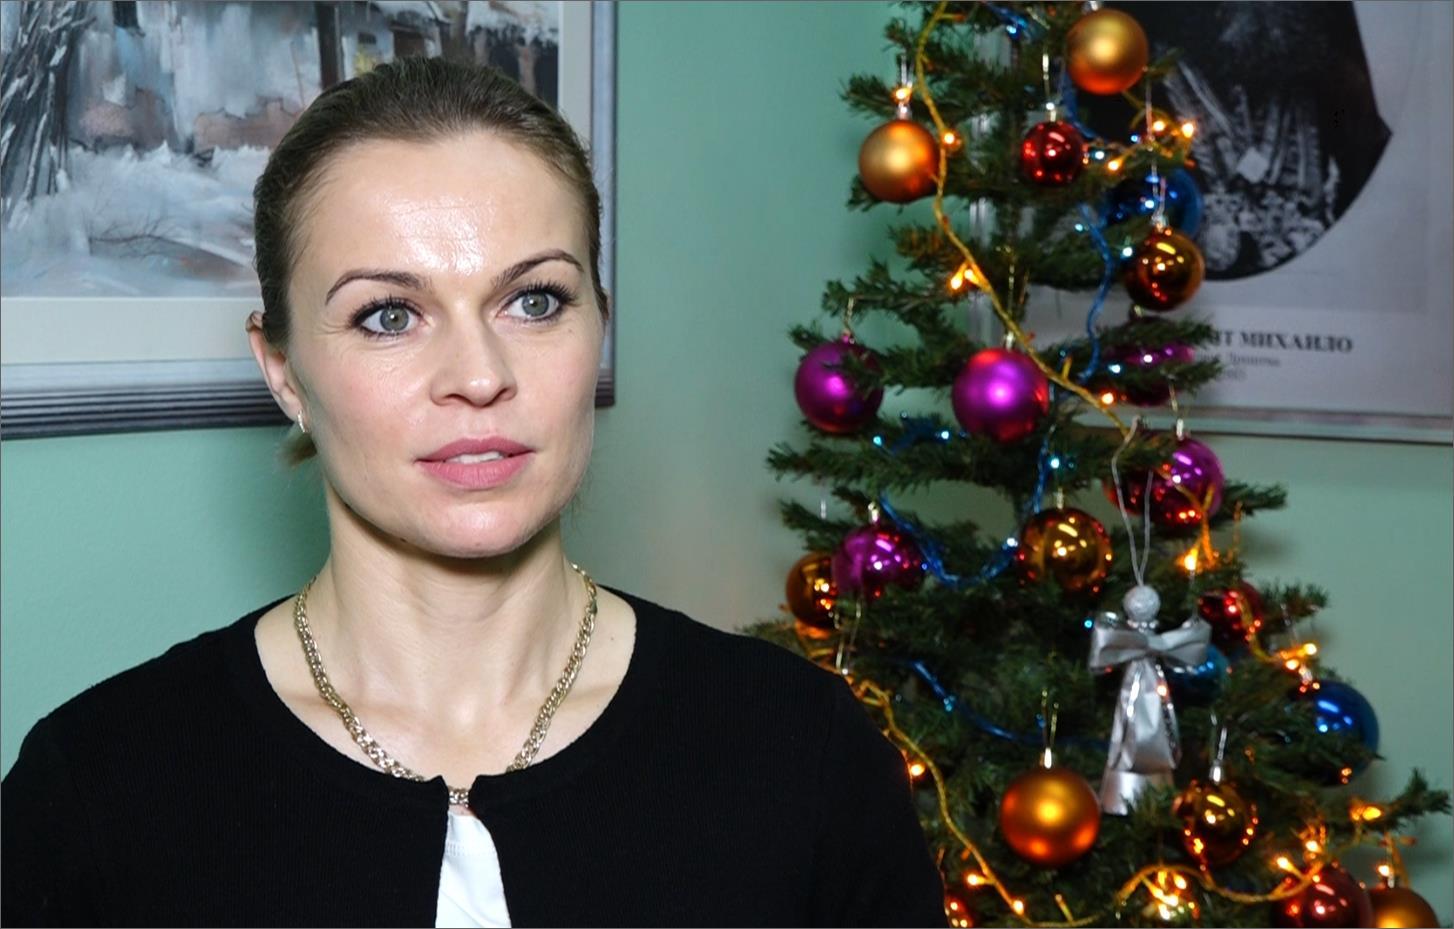 члан Градског већа Антонија Нађ Косановић